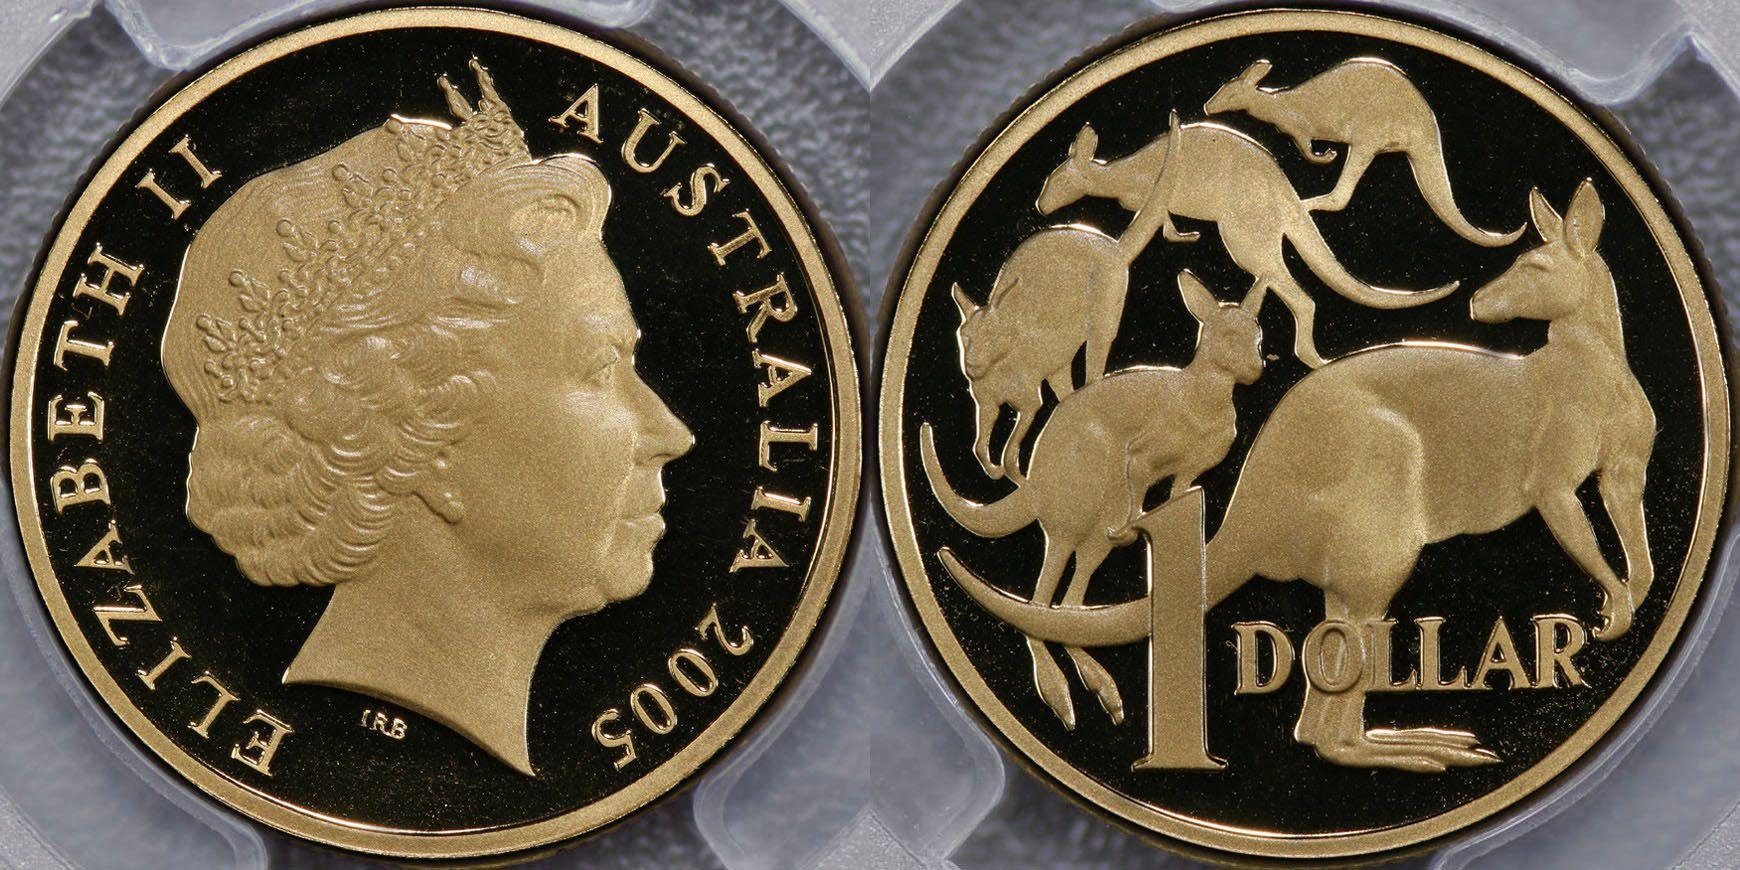 2005 one dollar mule